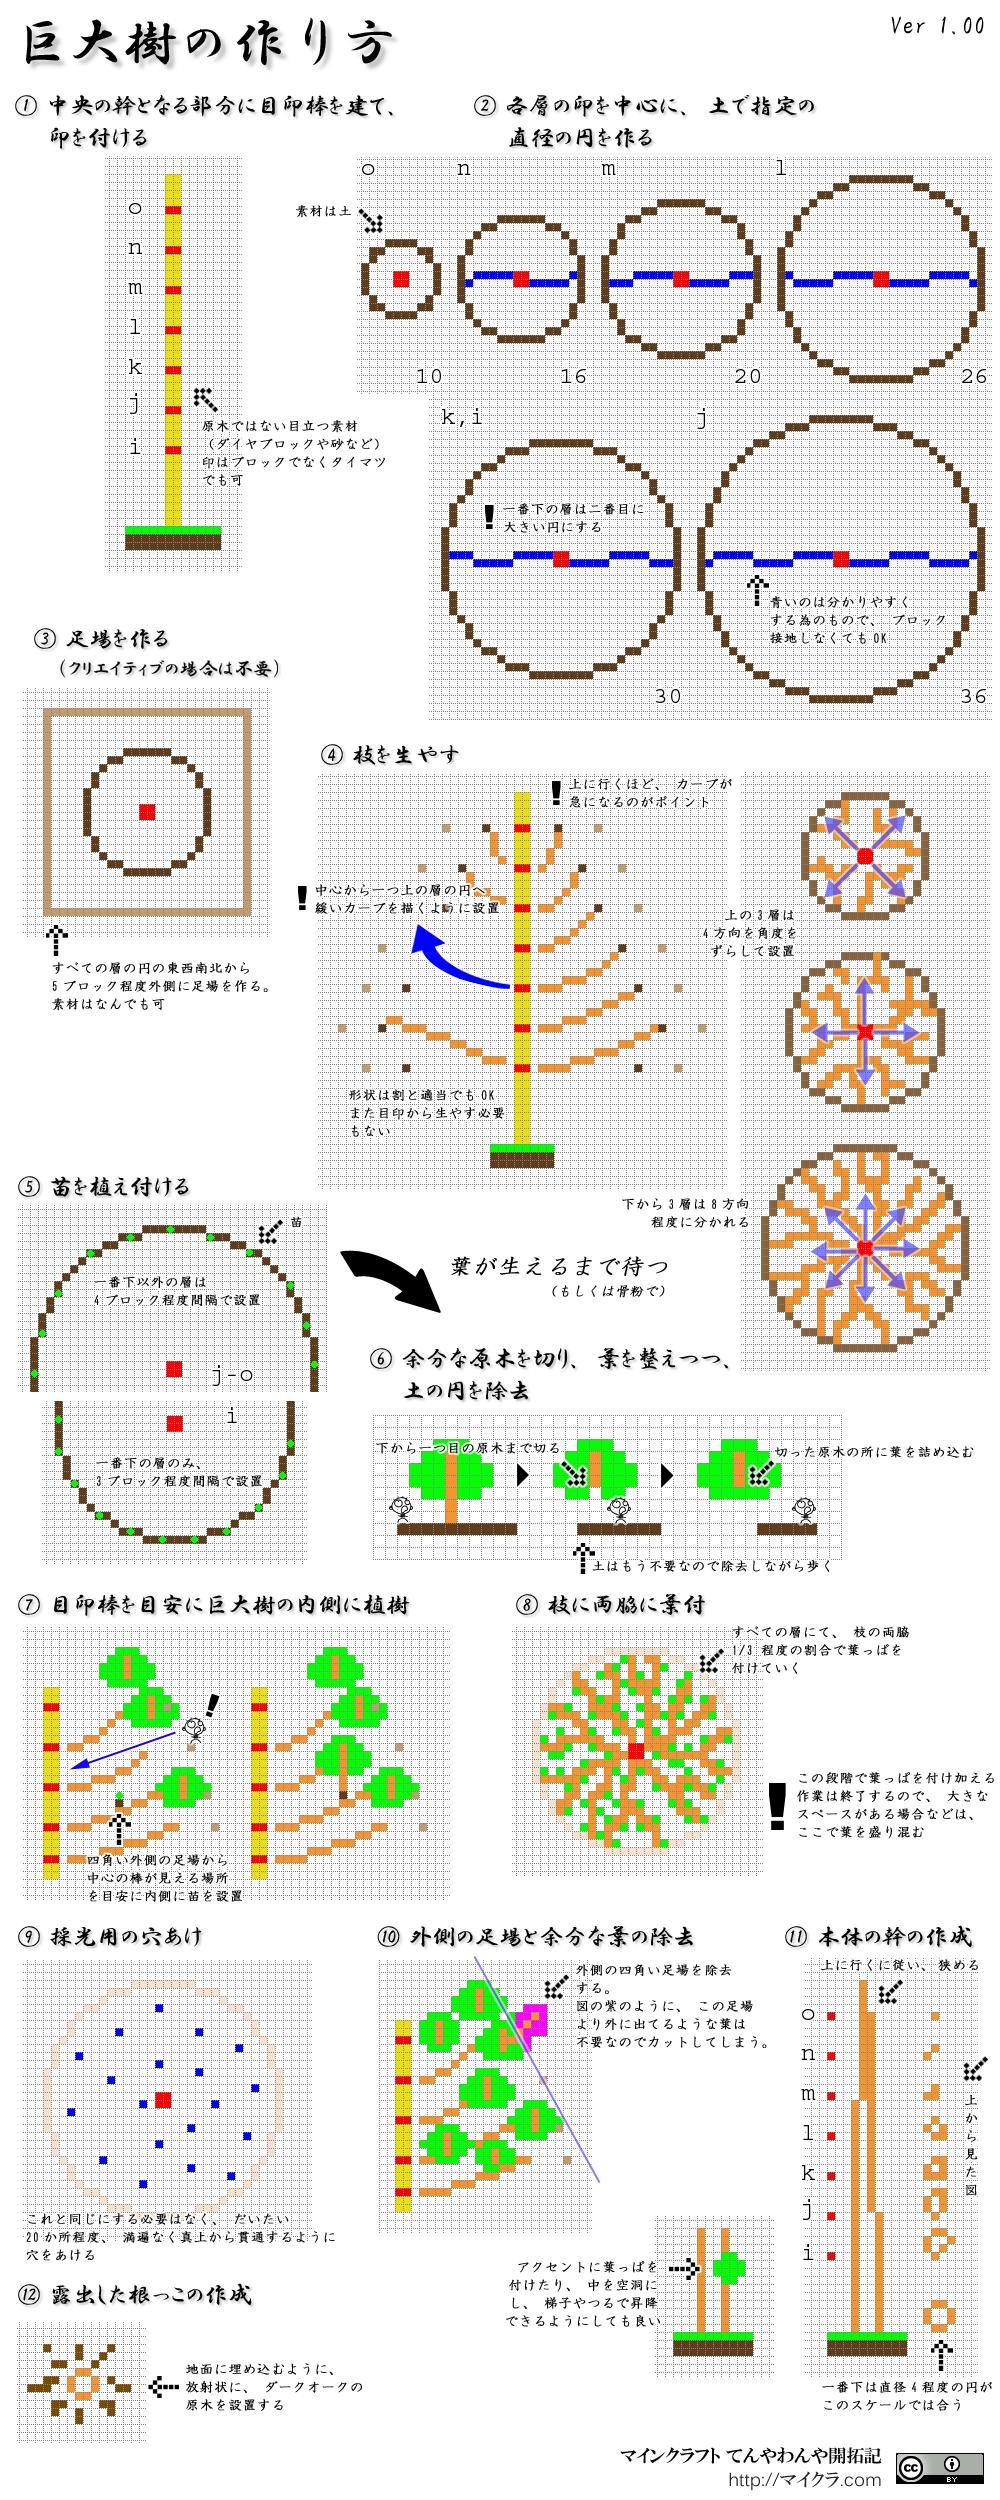 設計 図 建築 マイクラ